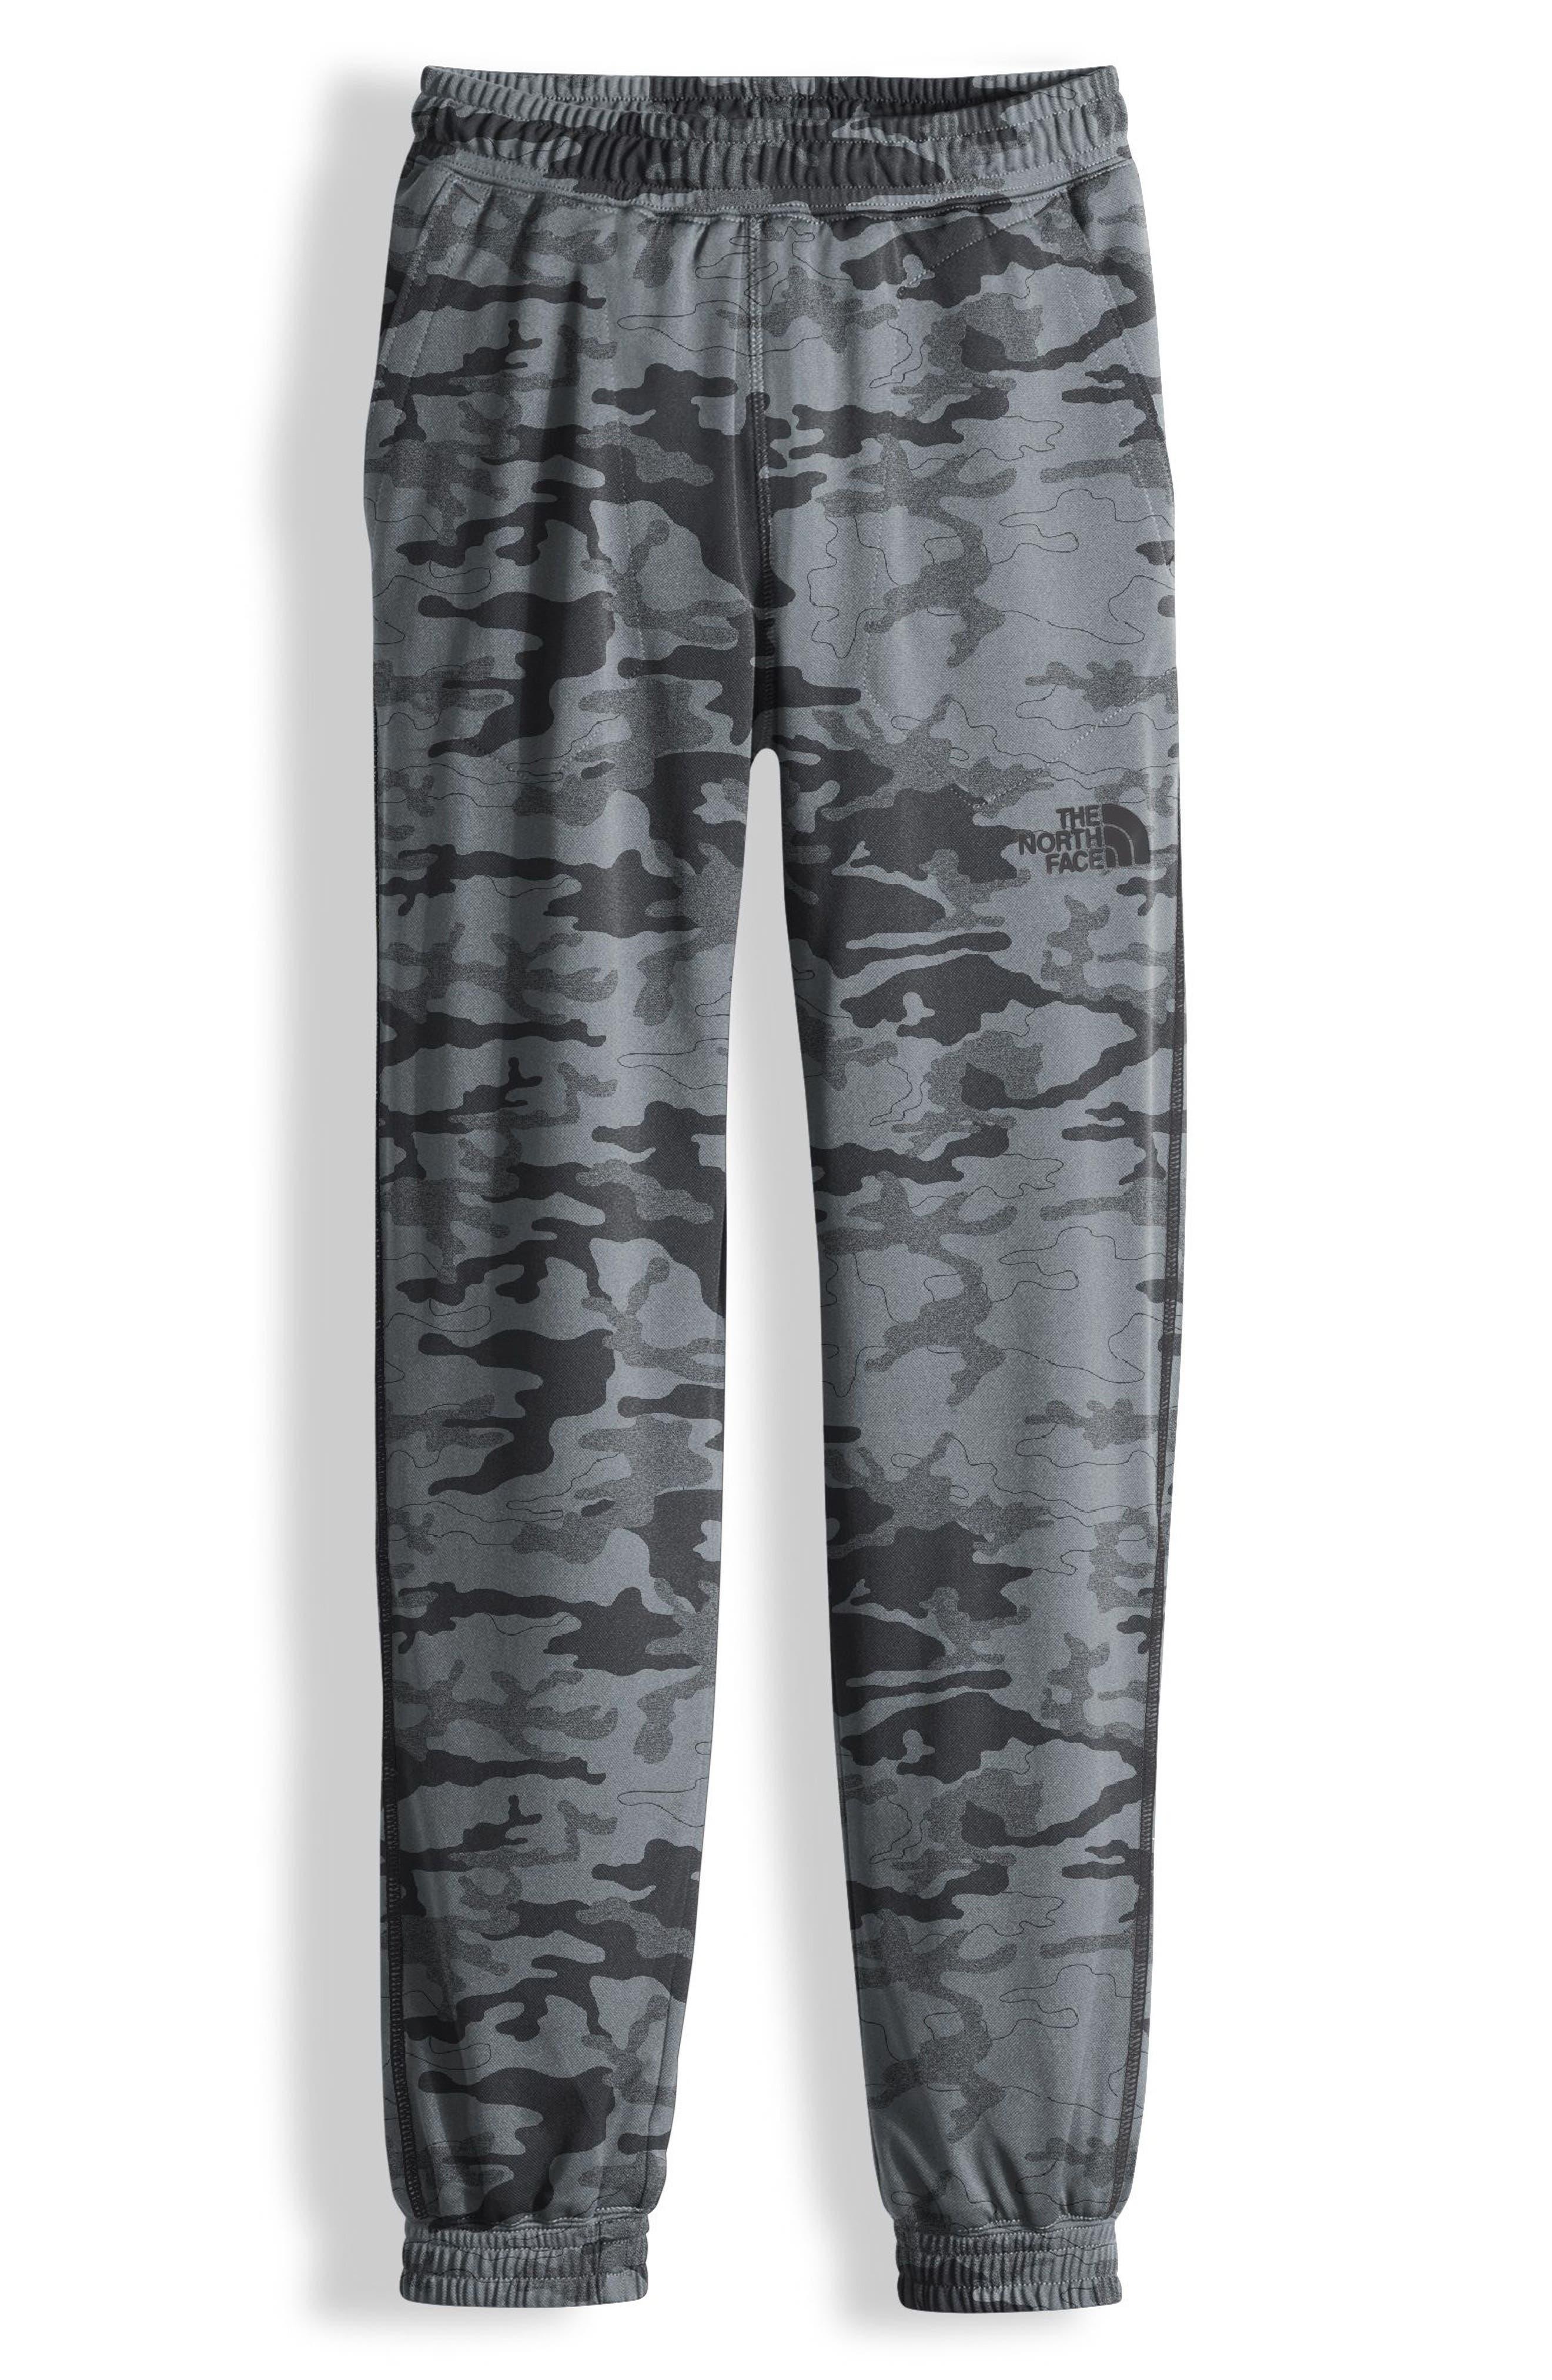 Mak Sweatpants,                         Main,                         color, Mid Grey/ Camo